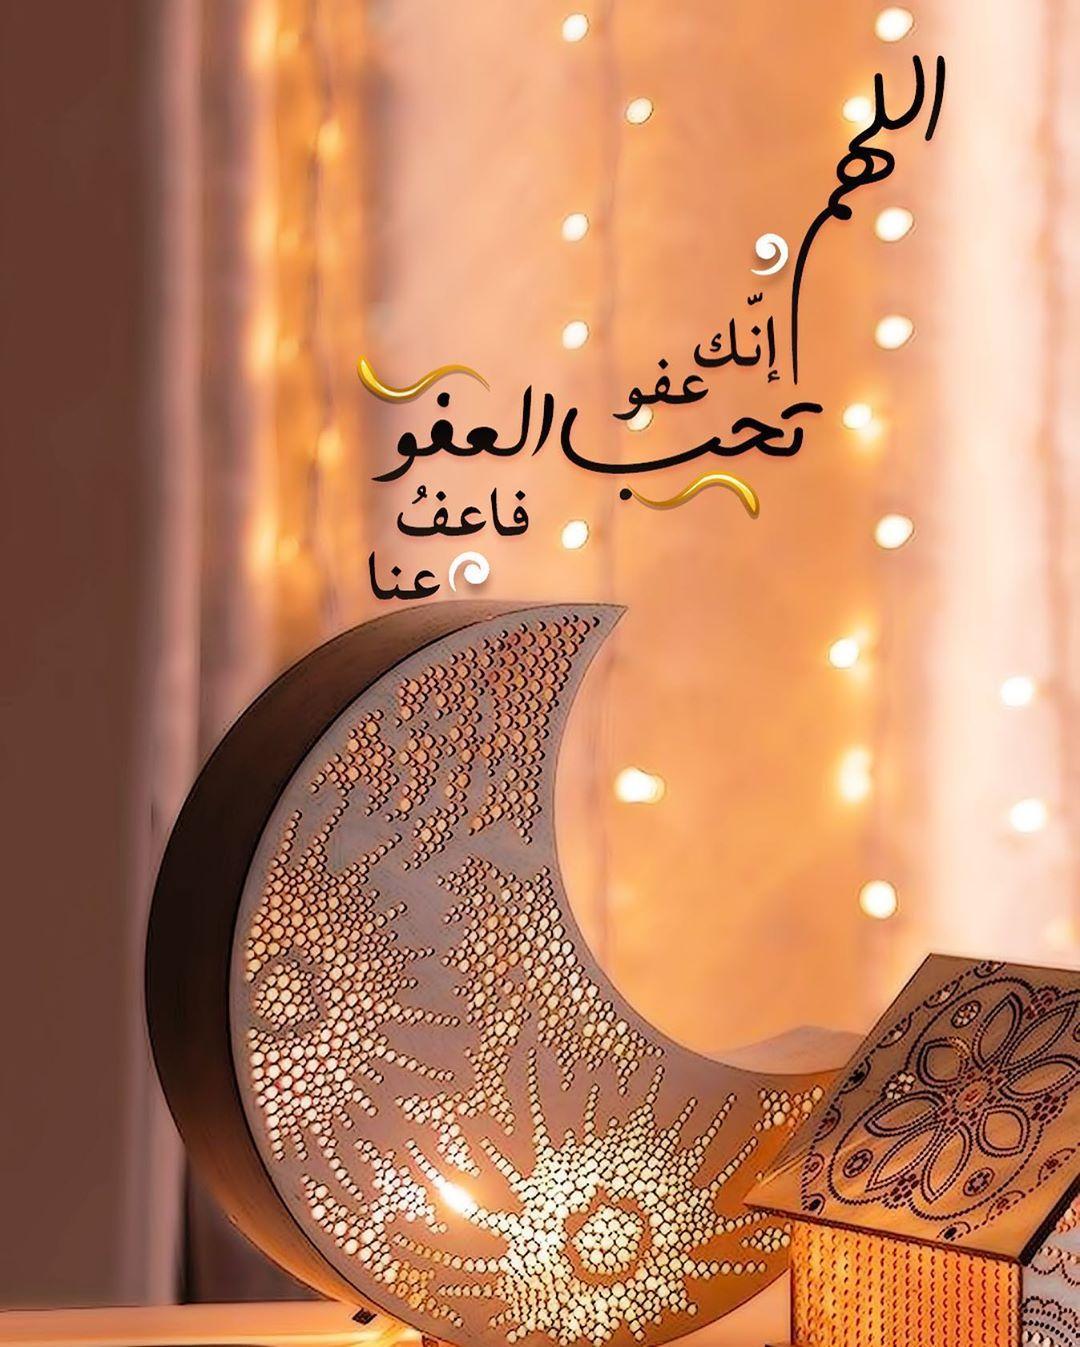 P E A R L A On Instagram الله م إن ك عفو ت حب الع فو فاعف عنا ㅤㅤㅤㅤ ㅤㅤㅤㅤ تقبل الله طاعتكم ㅤ ㅤ Islamic Pictures Eid Greetings Ramadan